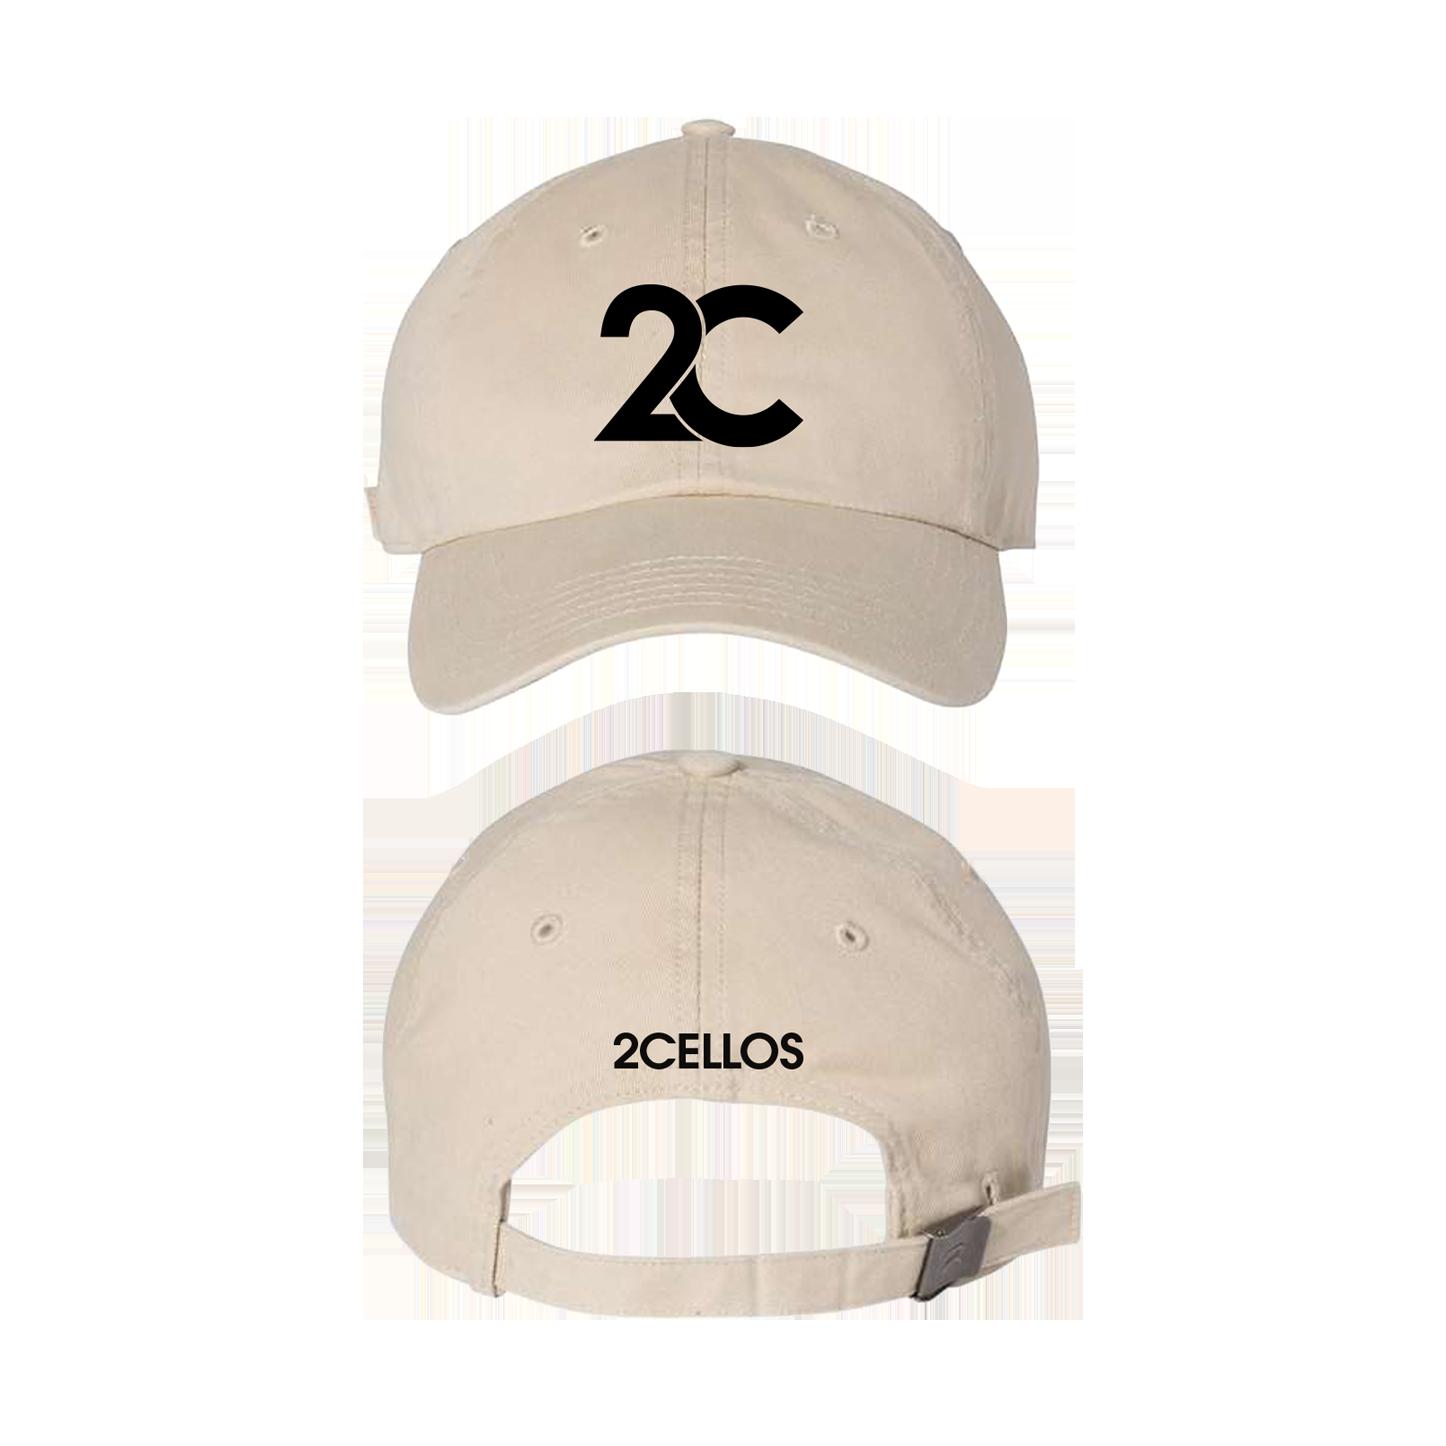 Buy Online 2 Cellos - 2CELLOS Khaki Dad Hat